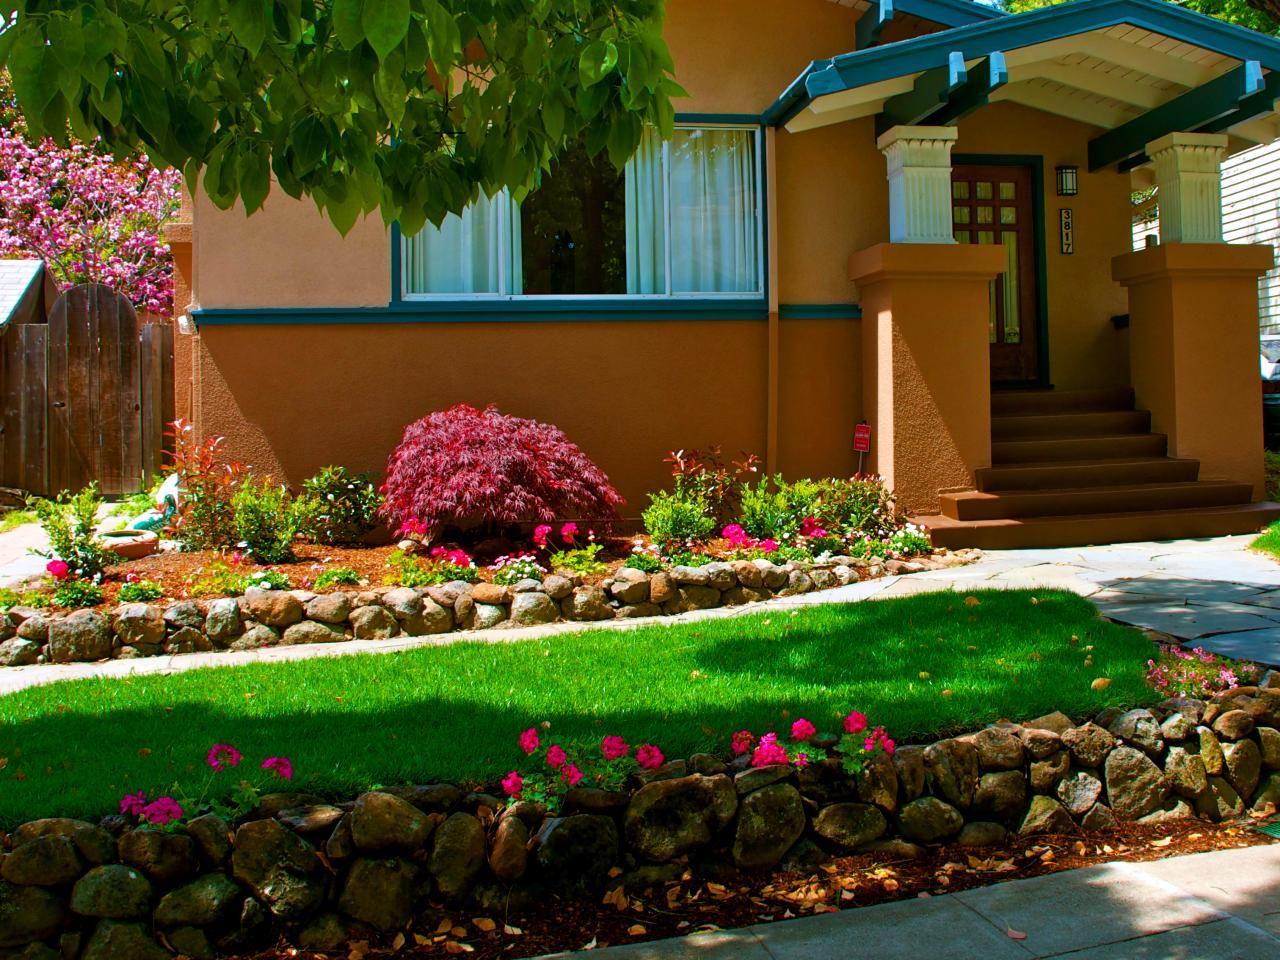 The Essential Steps To Landscape Design | DIY Landscaping | Landscape  Design U0026 Ideas, Plants